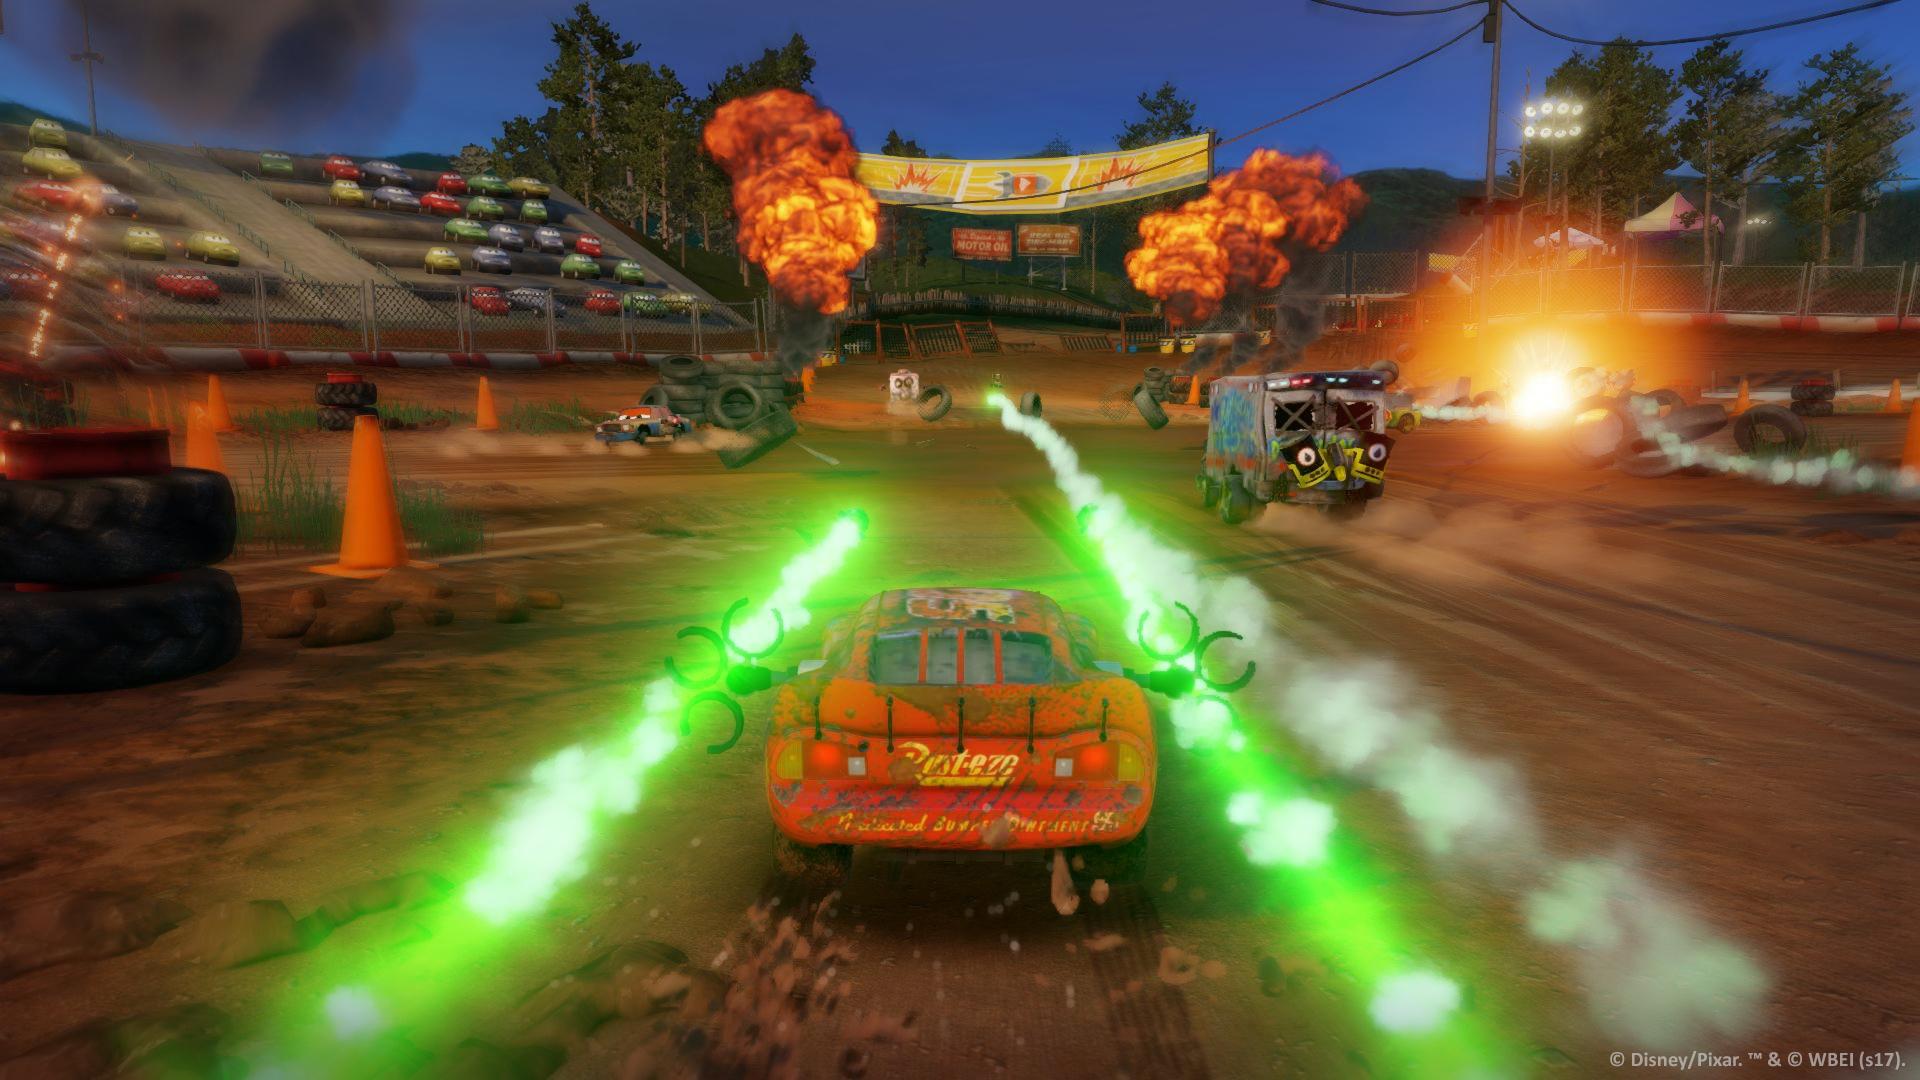 3Course Vers Jeu Test Mario La À Cars VictoireUn Kart qSVMUpGz